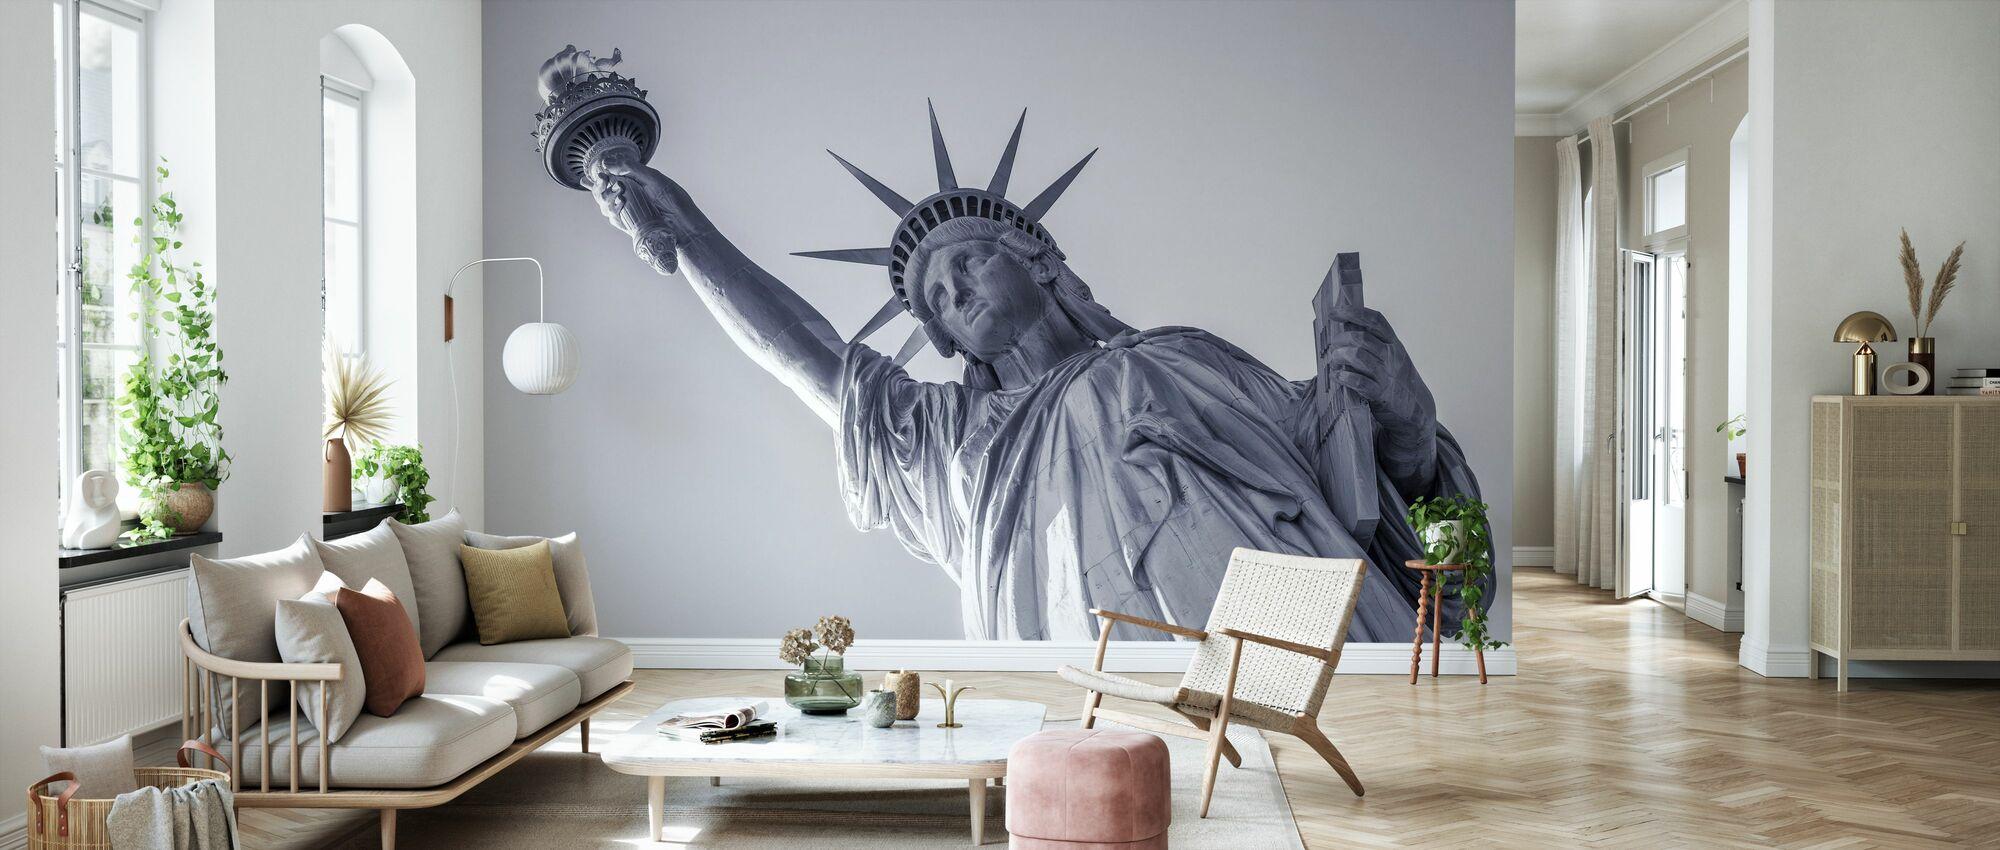 Vrijheidsbeeld - Behang - Woonkamer